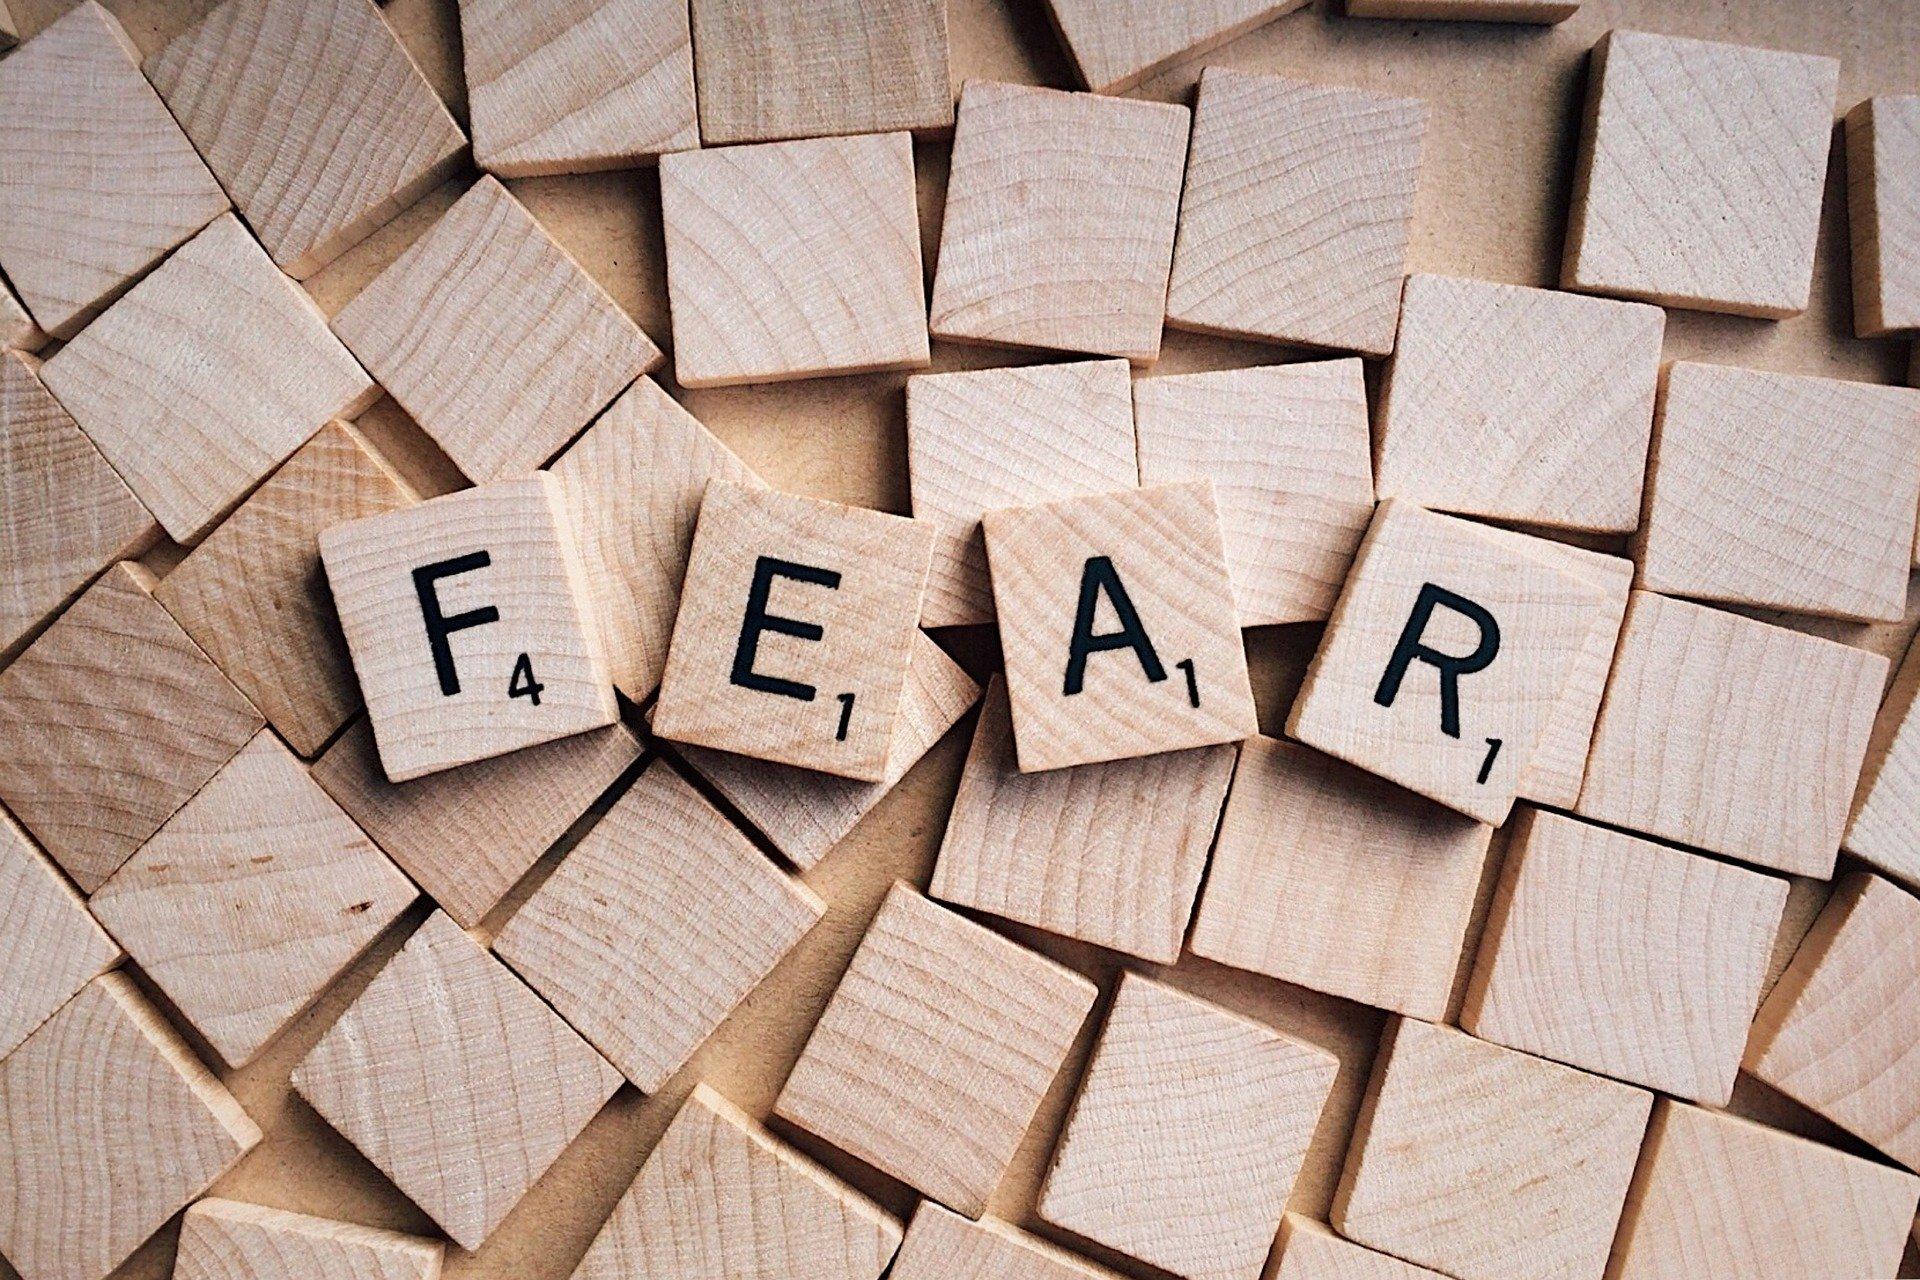 Scrabble tiles fear